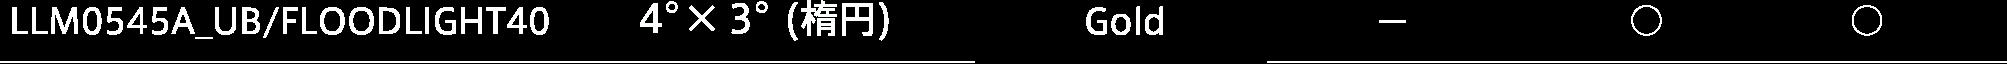 LLM0545A金色スペック表